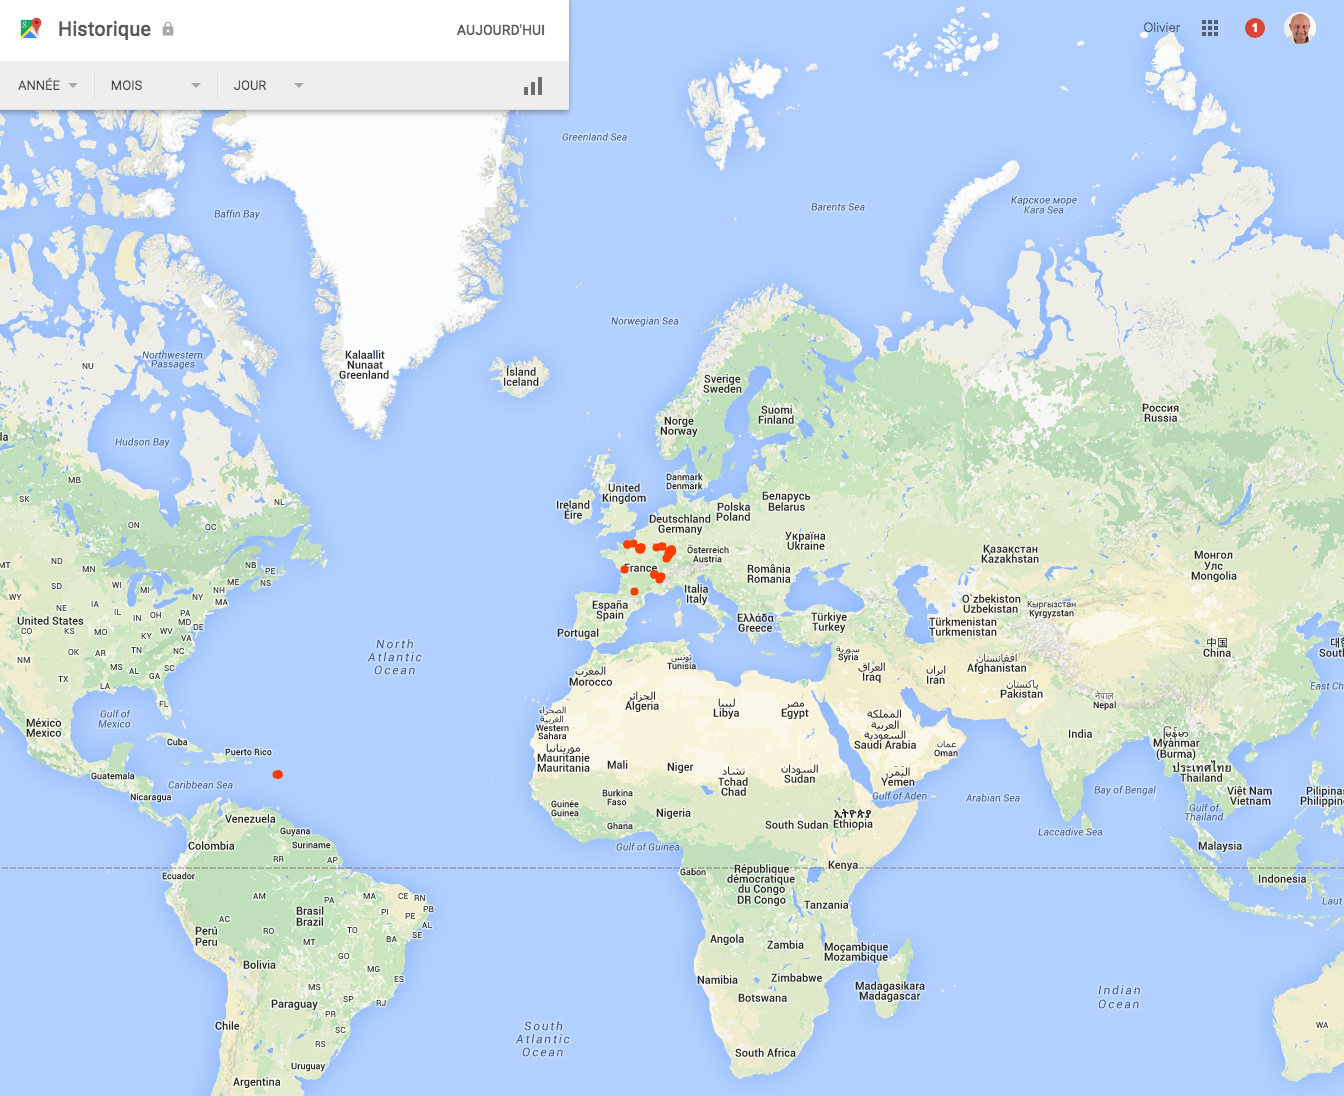 google-maps-historique